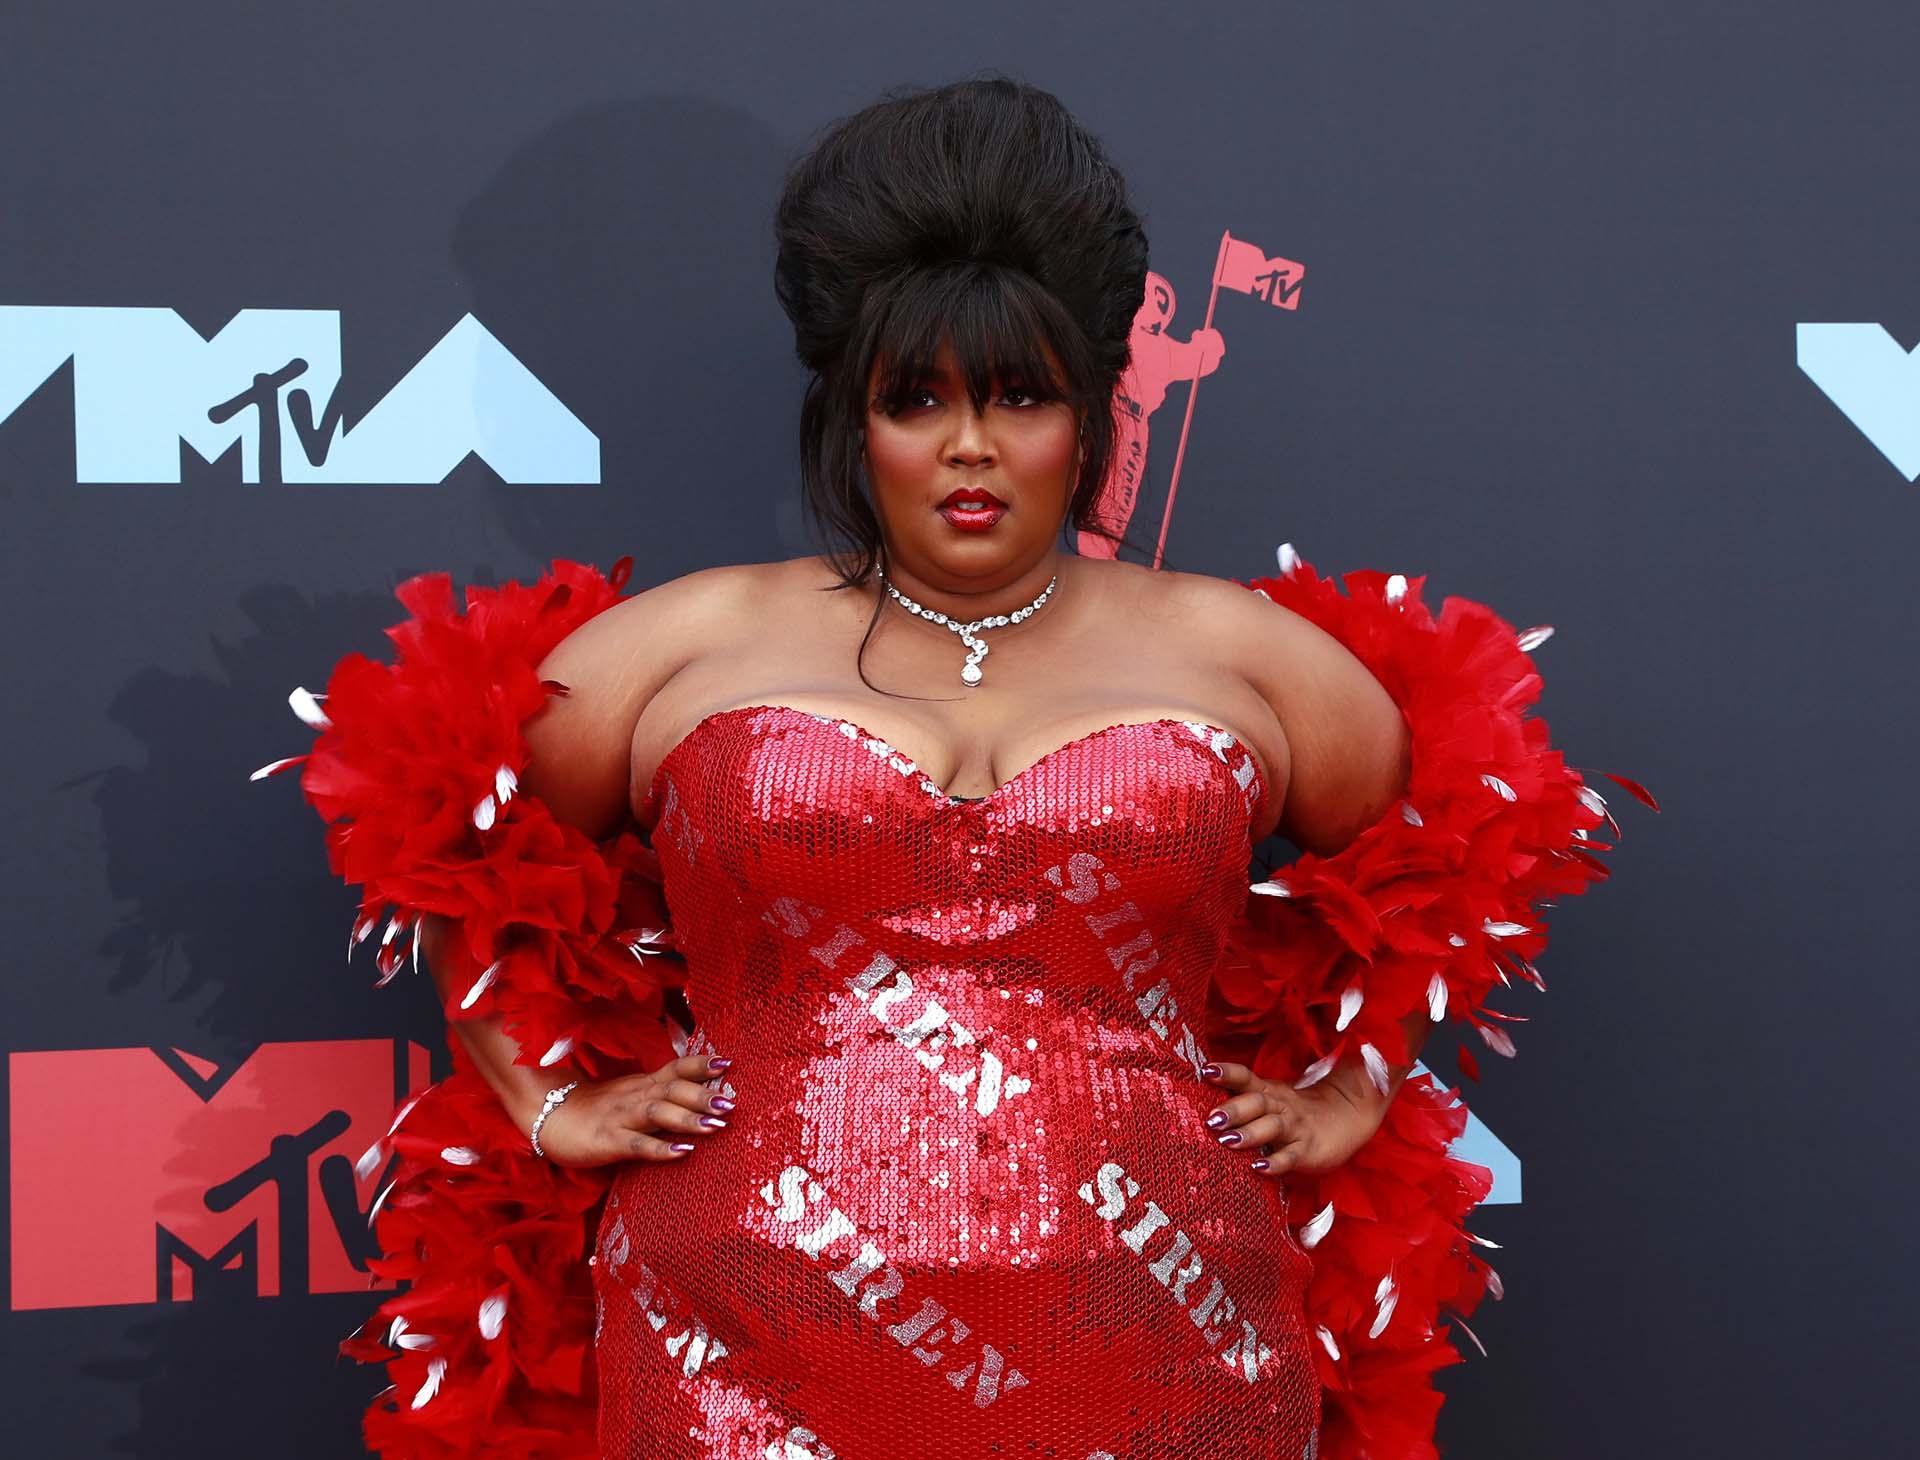 La cantante y rapera estadounidense Lizzo impactó con su vestido al cuerpo y al rojo vivo